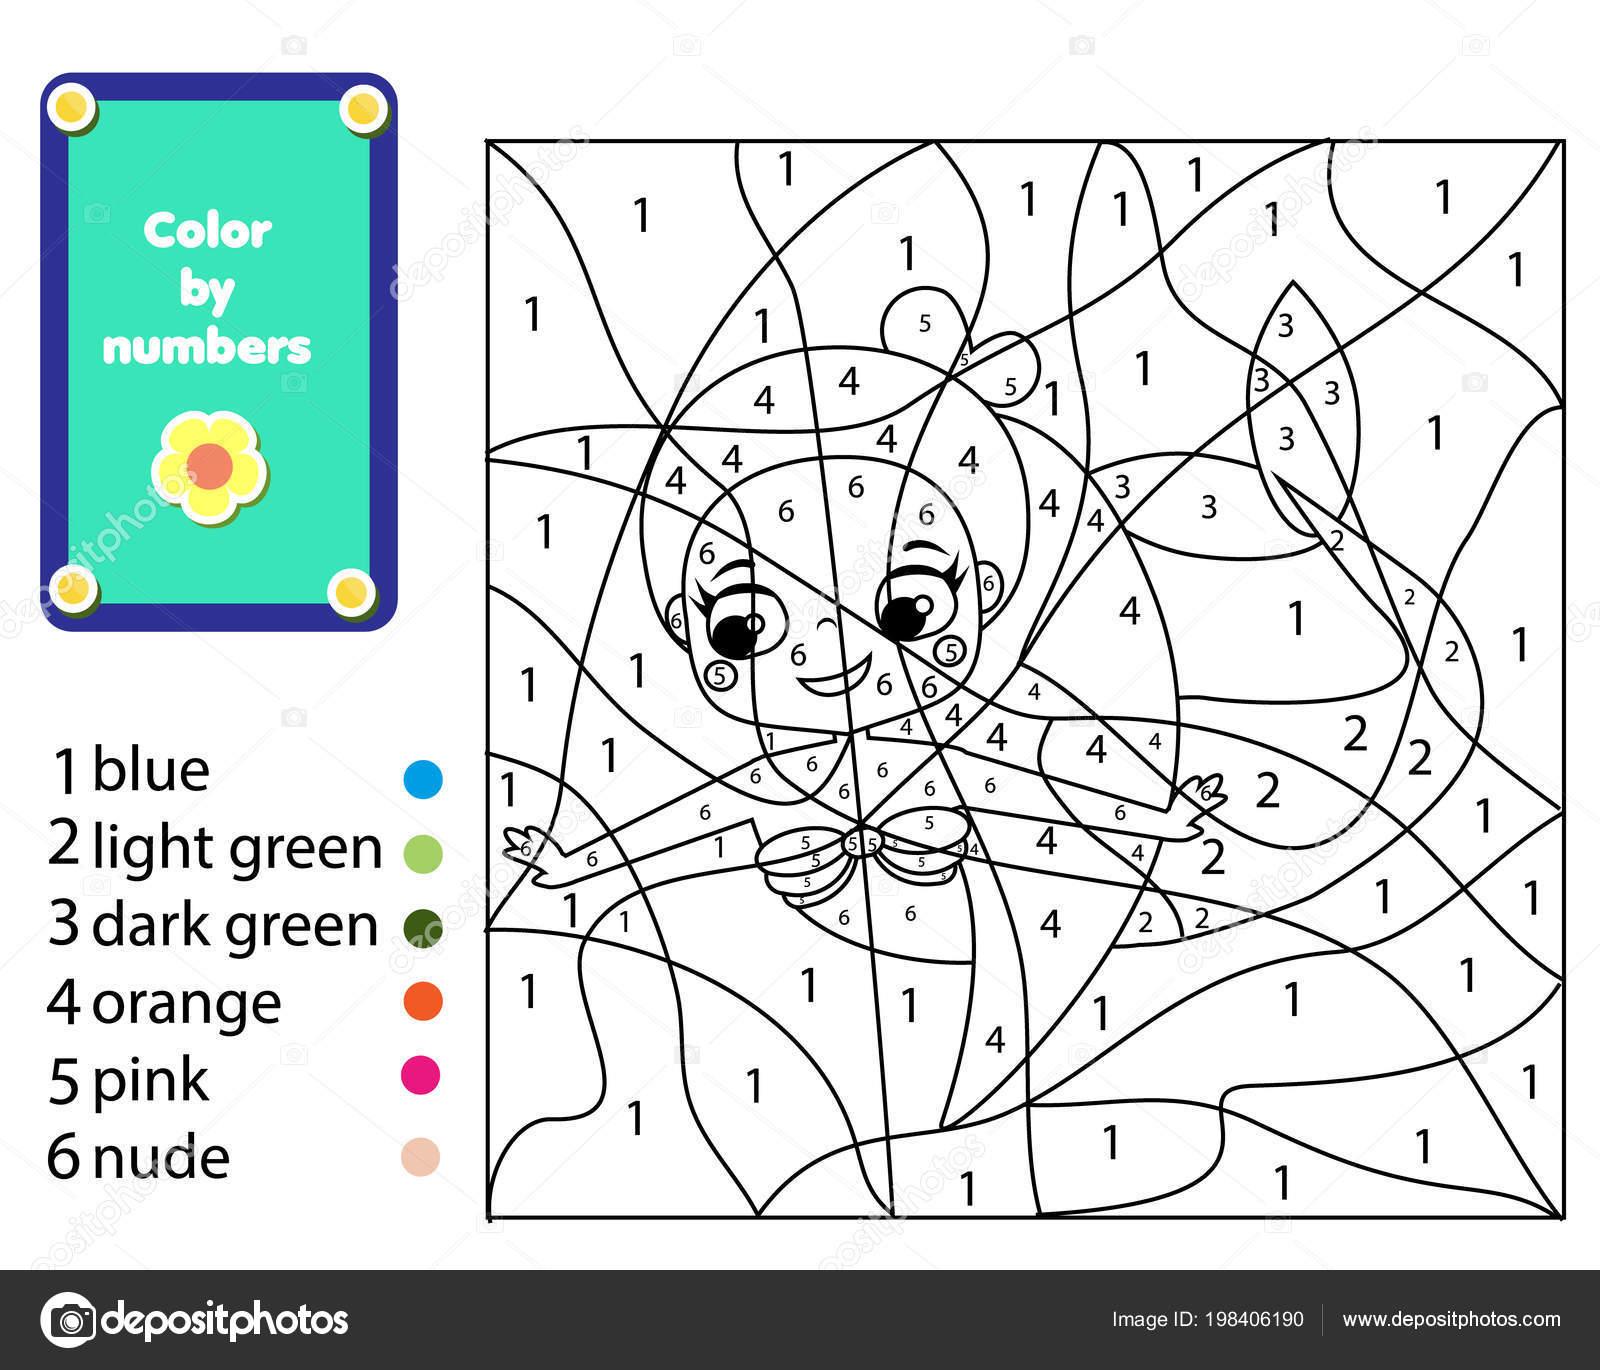 çocuk Eğitim Oyunu Deniz Kızı Boyama Sayfası Renk Numaralarına Göre